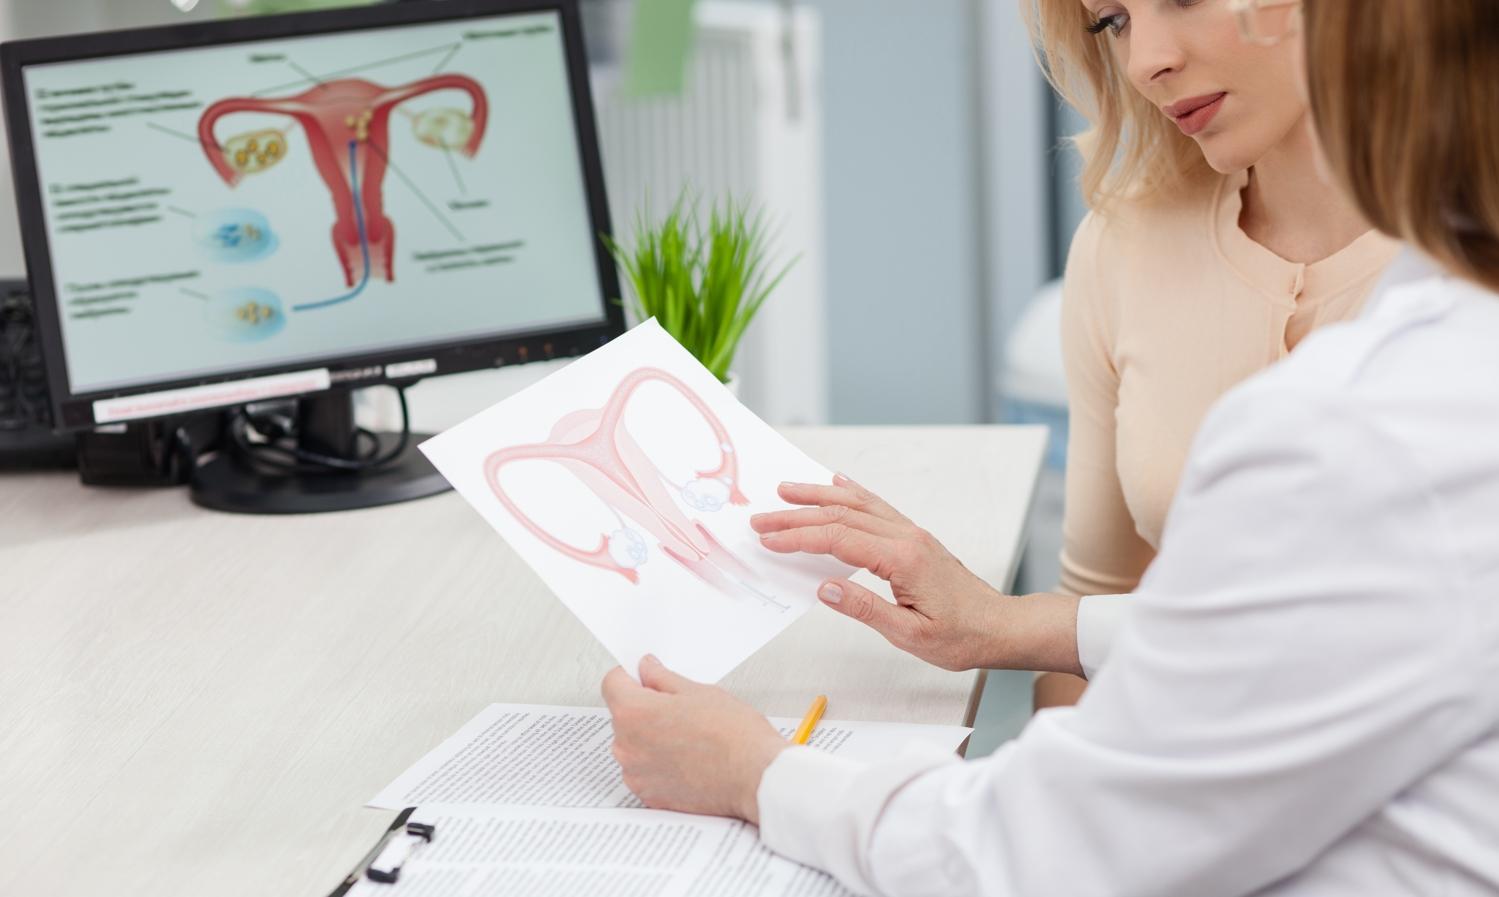 Pokud se svědění pochvy a další nepříjemné příznaky objevují více než týden a domácí léčba nepomáhá, je vhodné poradit se s gynekologem